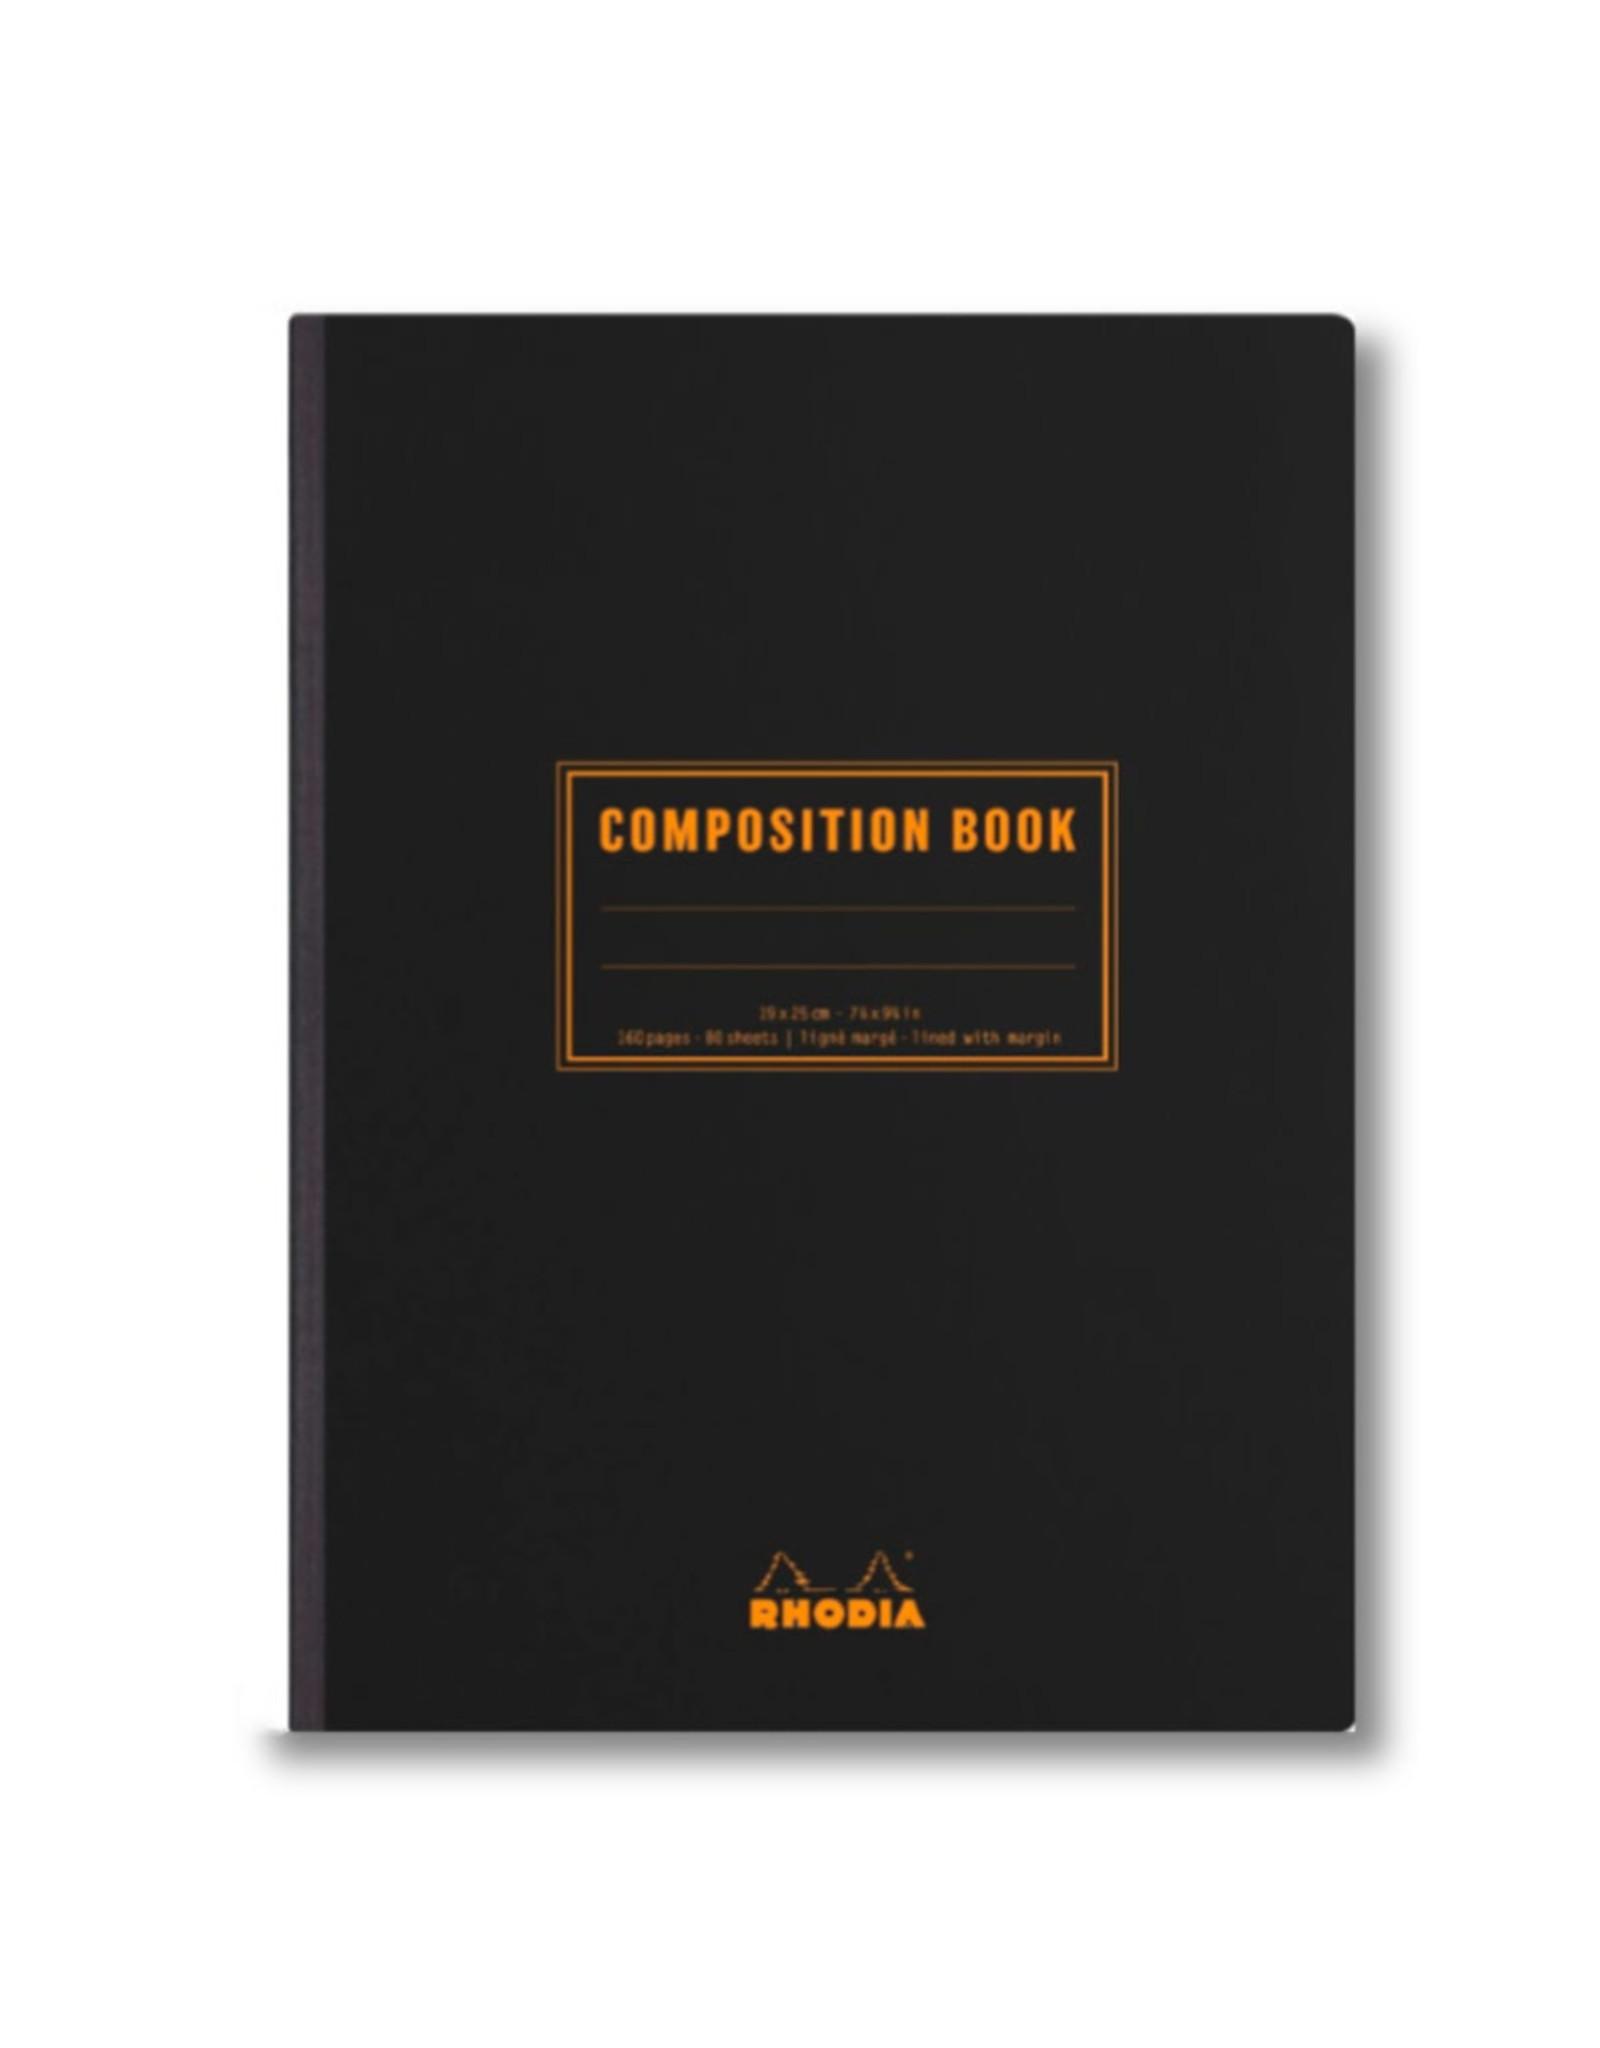 Rhodia Black Rhodia Composition Book Lined